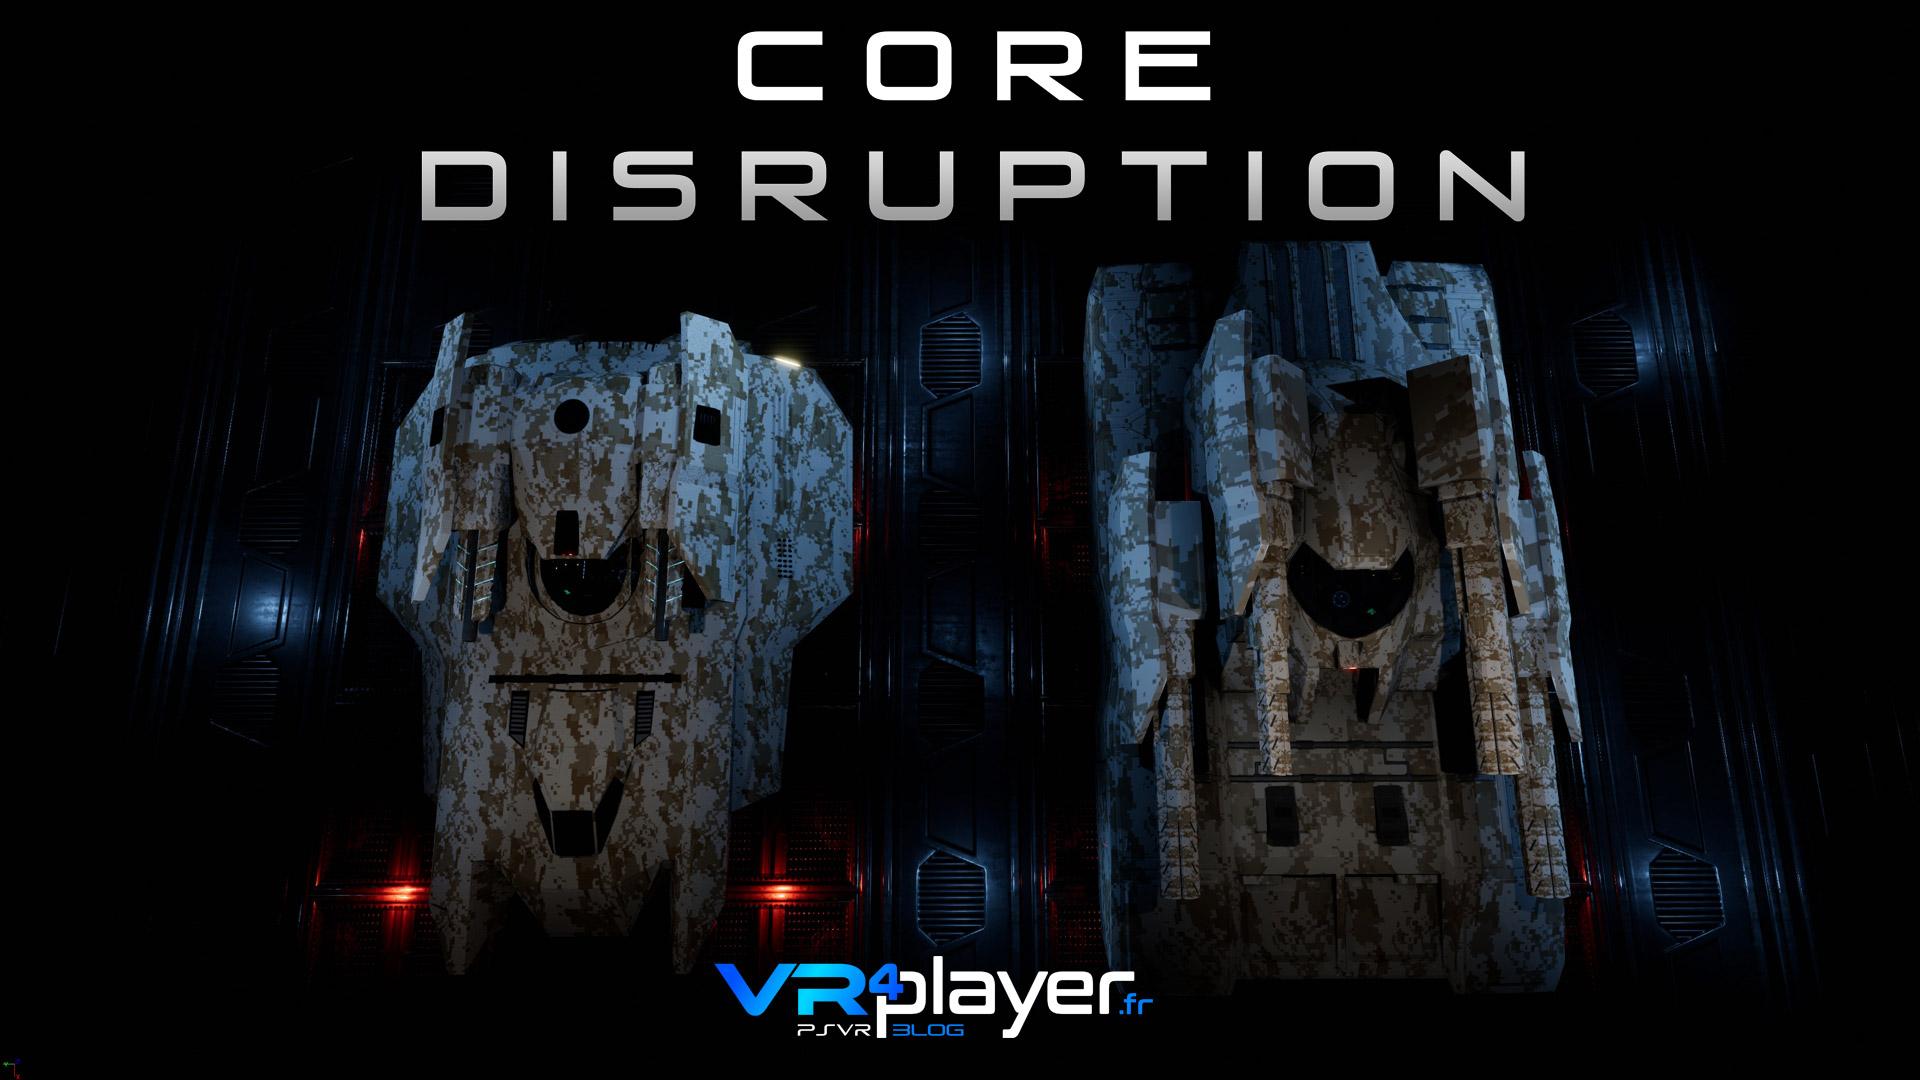 Core Disruption PSVR vrplayer.fr